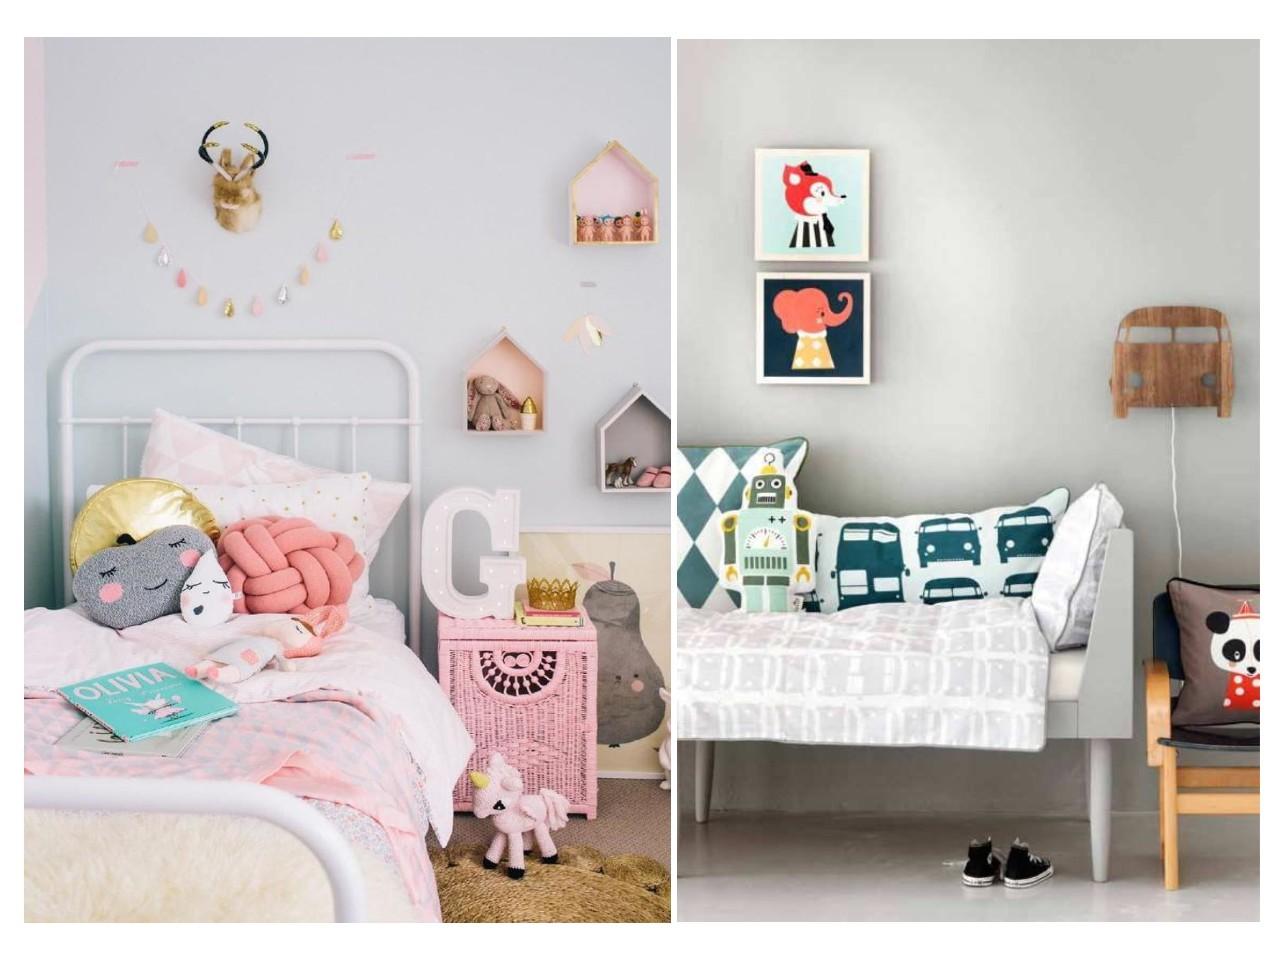 Habitaciones infantiles el gris no tiene porque ser aburrido - El mueble habitaciones infantiles ...